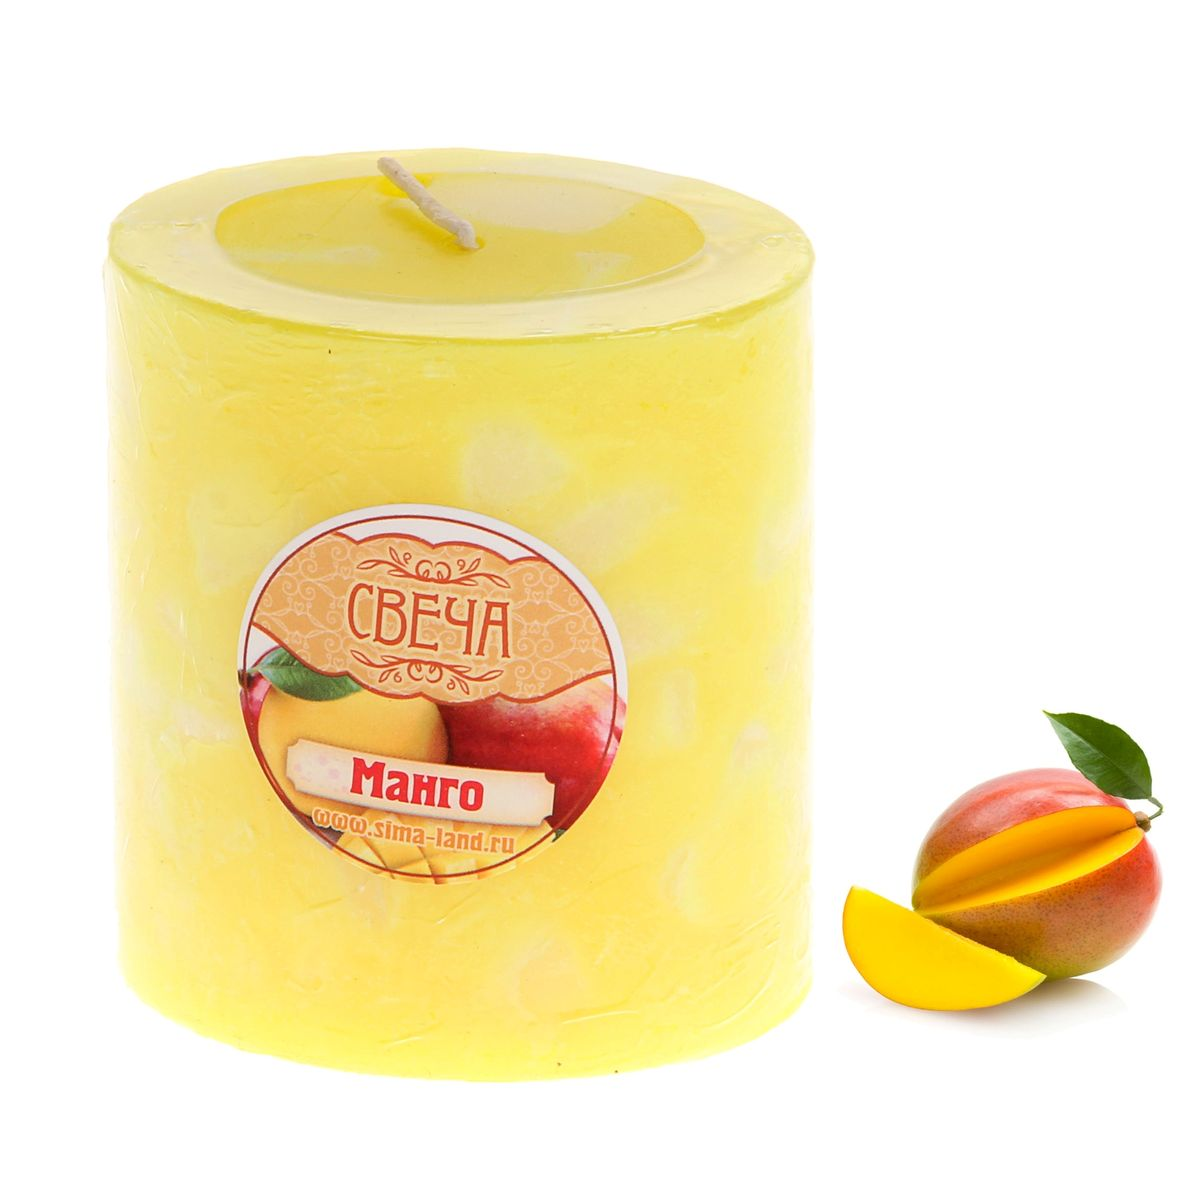 Свеча ароматизированная Sima-land Слияние, с ароматом манго, цвет: желтый, белый, высота 7 смRG-D31SАроматизированная свеча Sima-land Слияние изготовлена из воска. Изделие отличается оригинальным дизайном и приятным ароматом манго.Свеча Sima-land Слияние - это прекрасный выбор для тех, кто хочет сделать запоминающийся презент родным и близким. Она поможет создать атмосферу праздника. Такой подарок запомнится надолго.